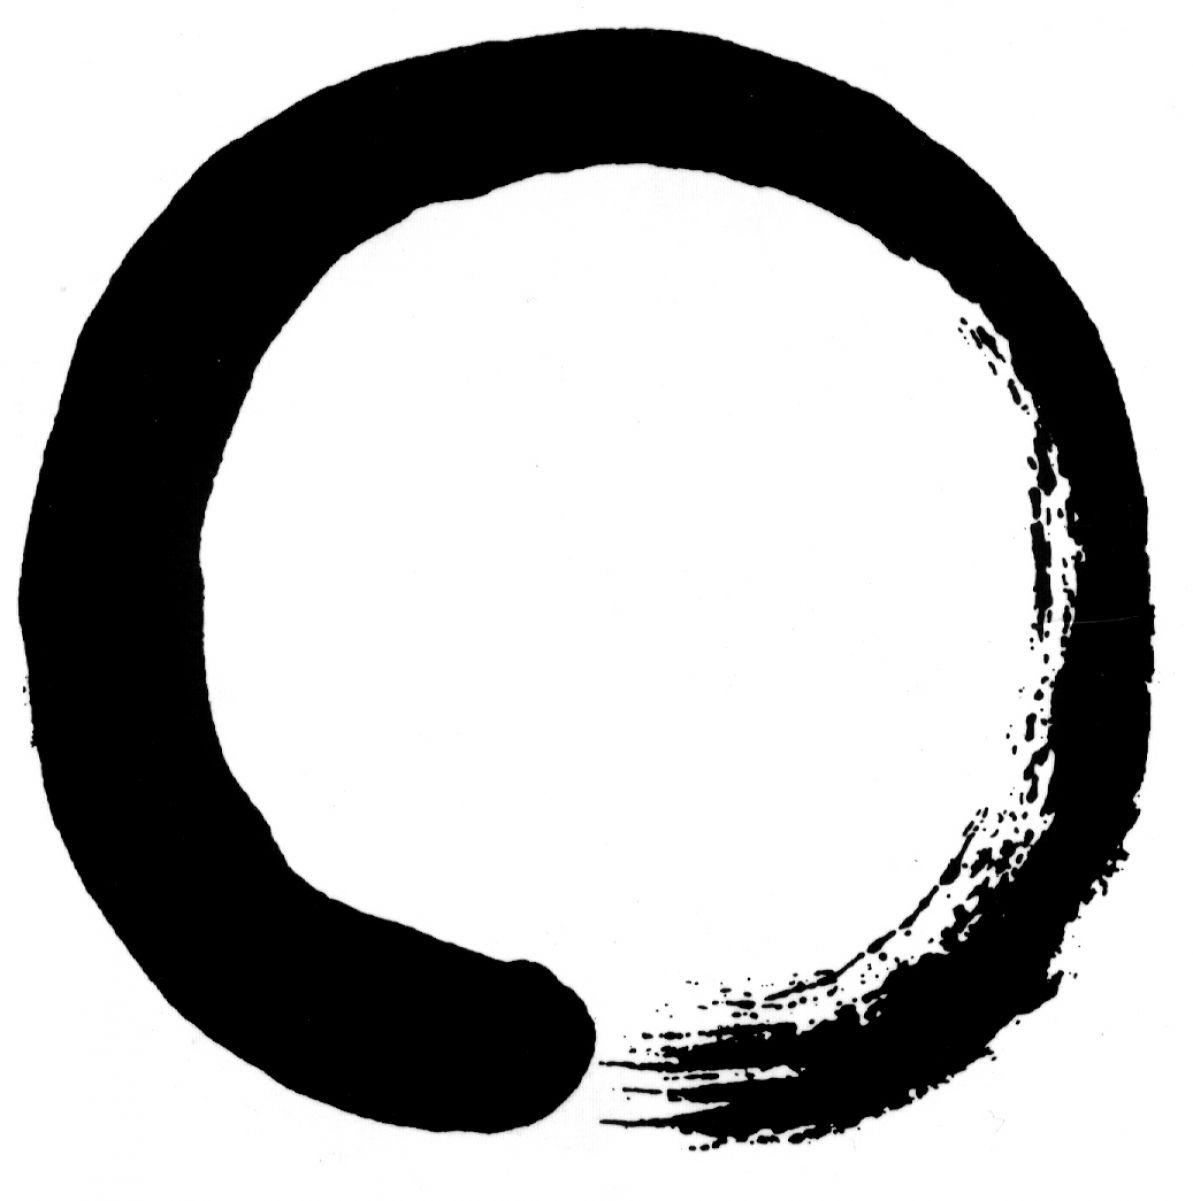 Zen circle tattoo